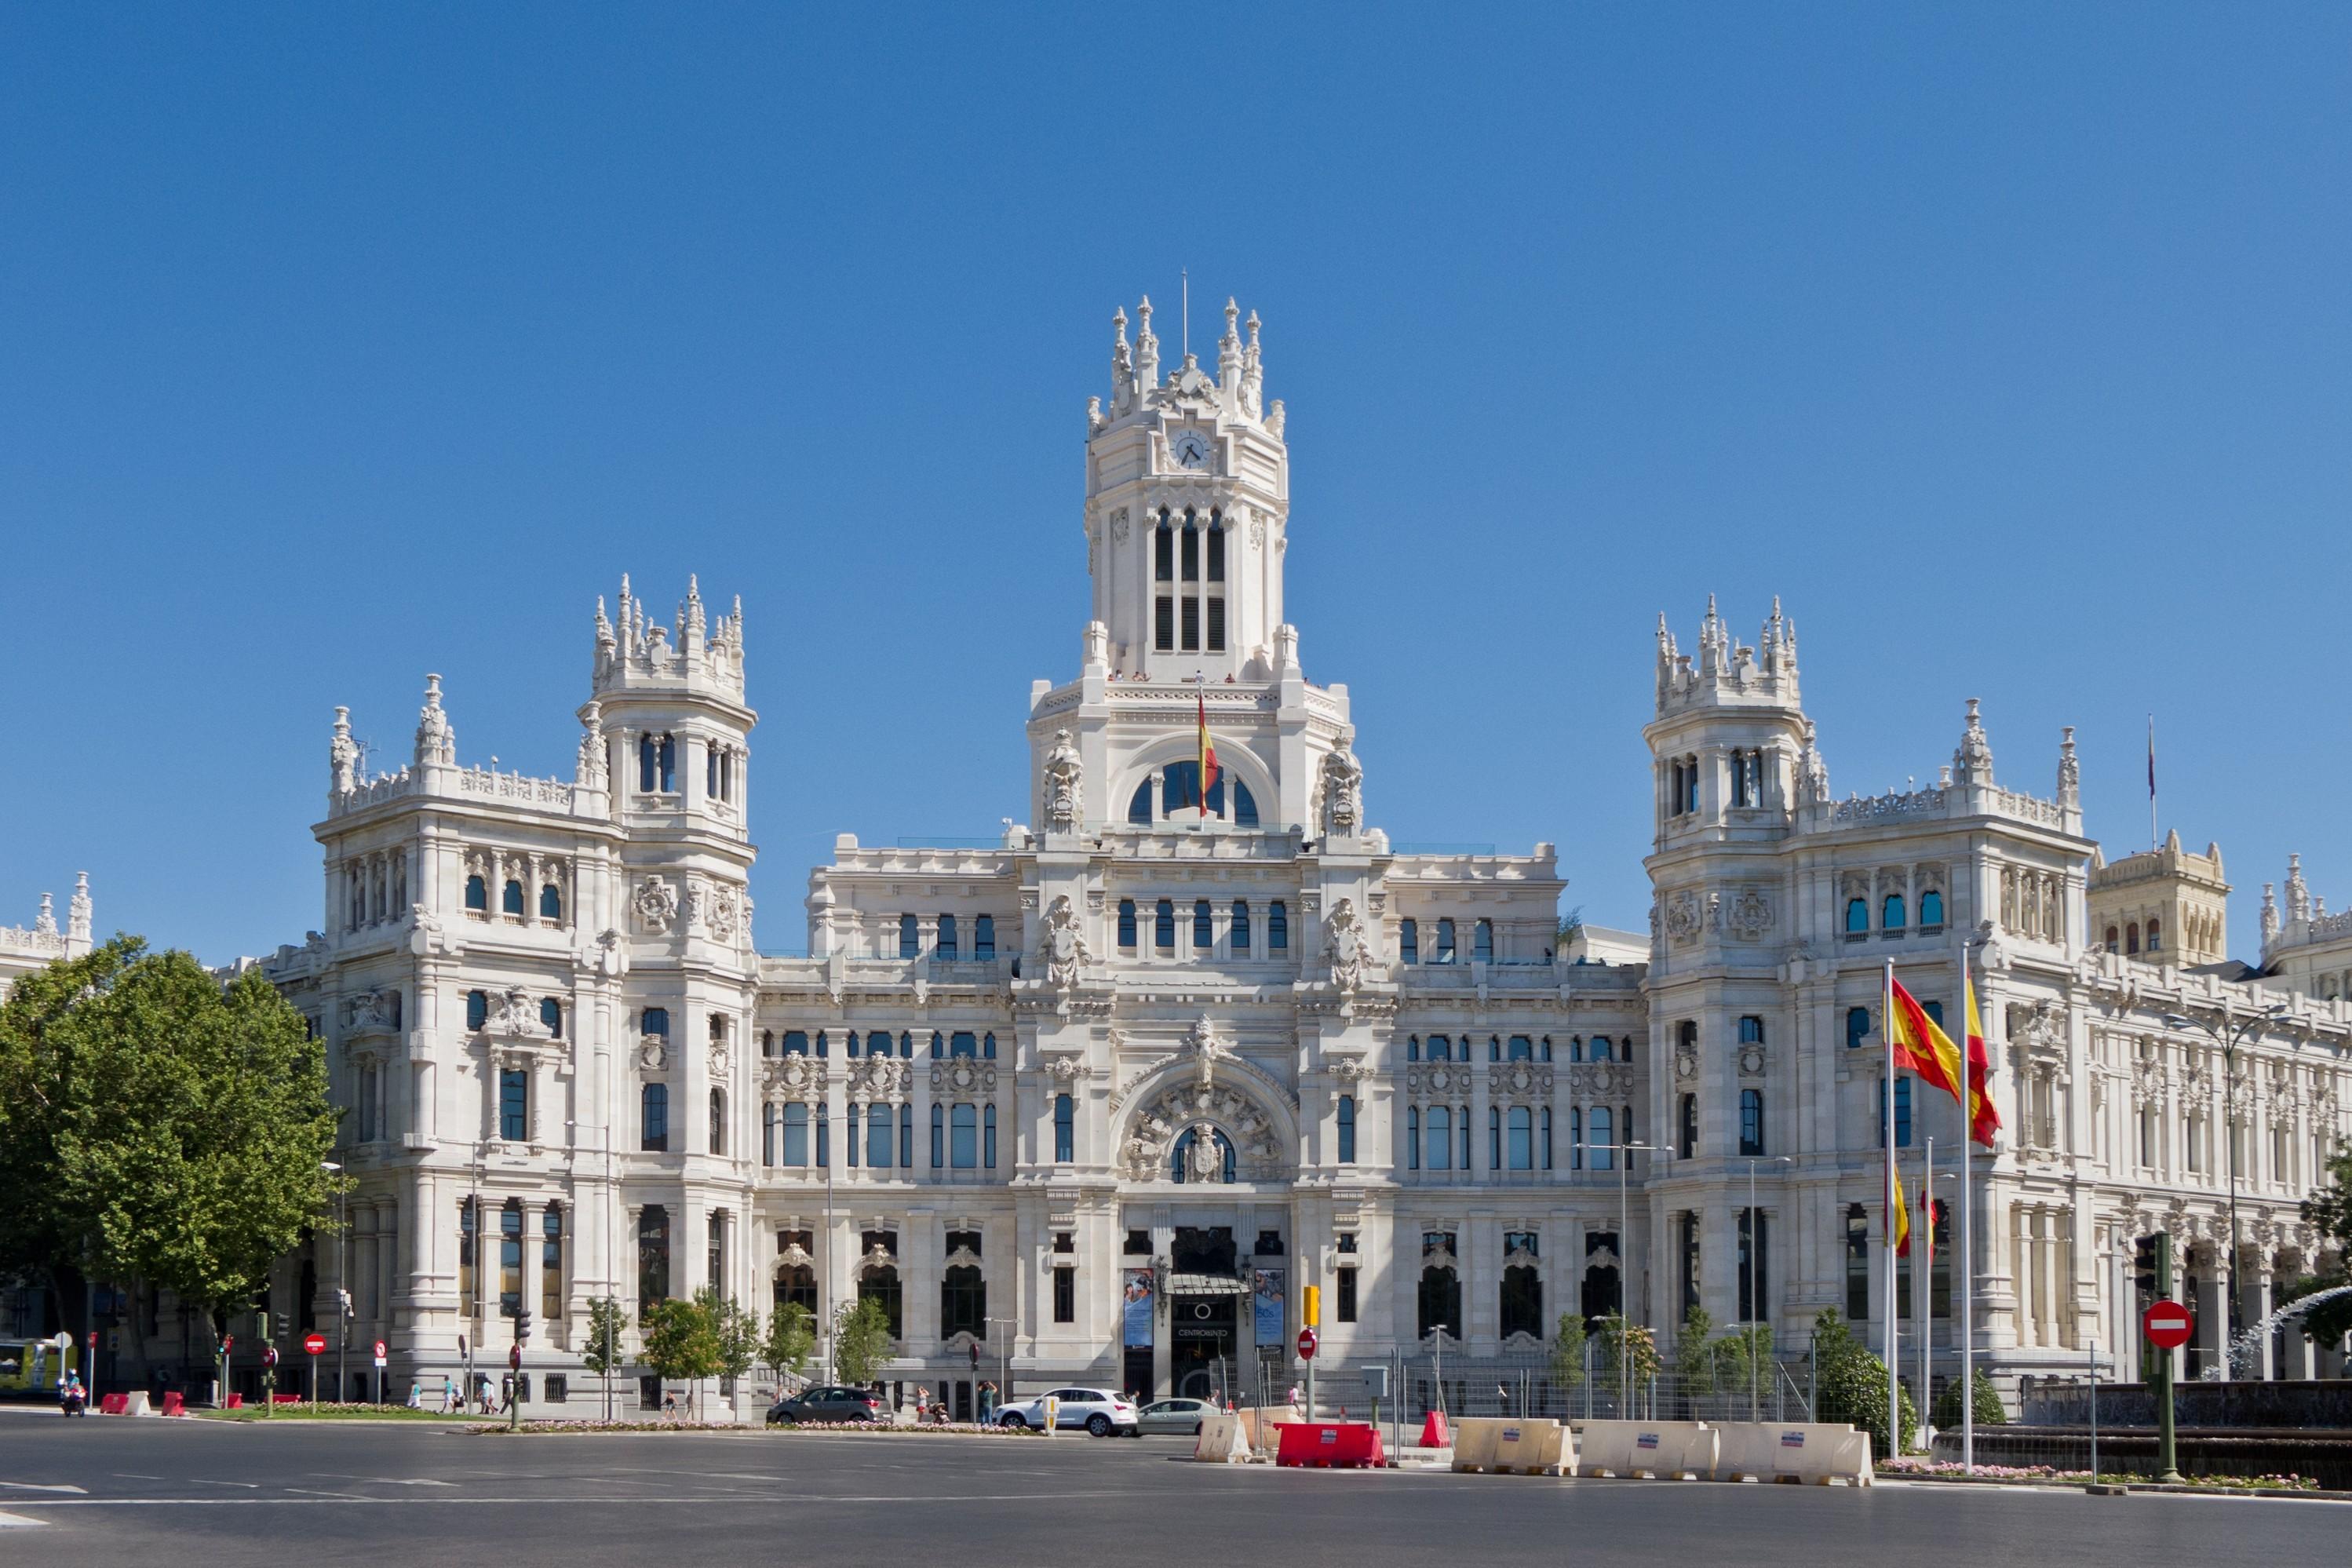 Idee soggiorno regalo weekend di coppia Madrid